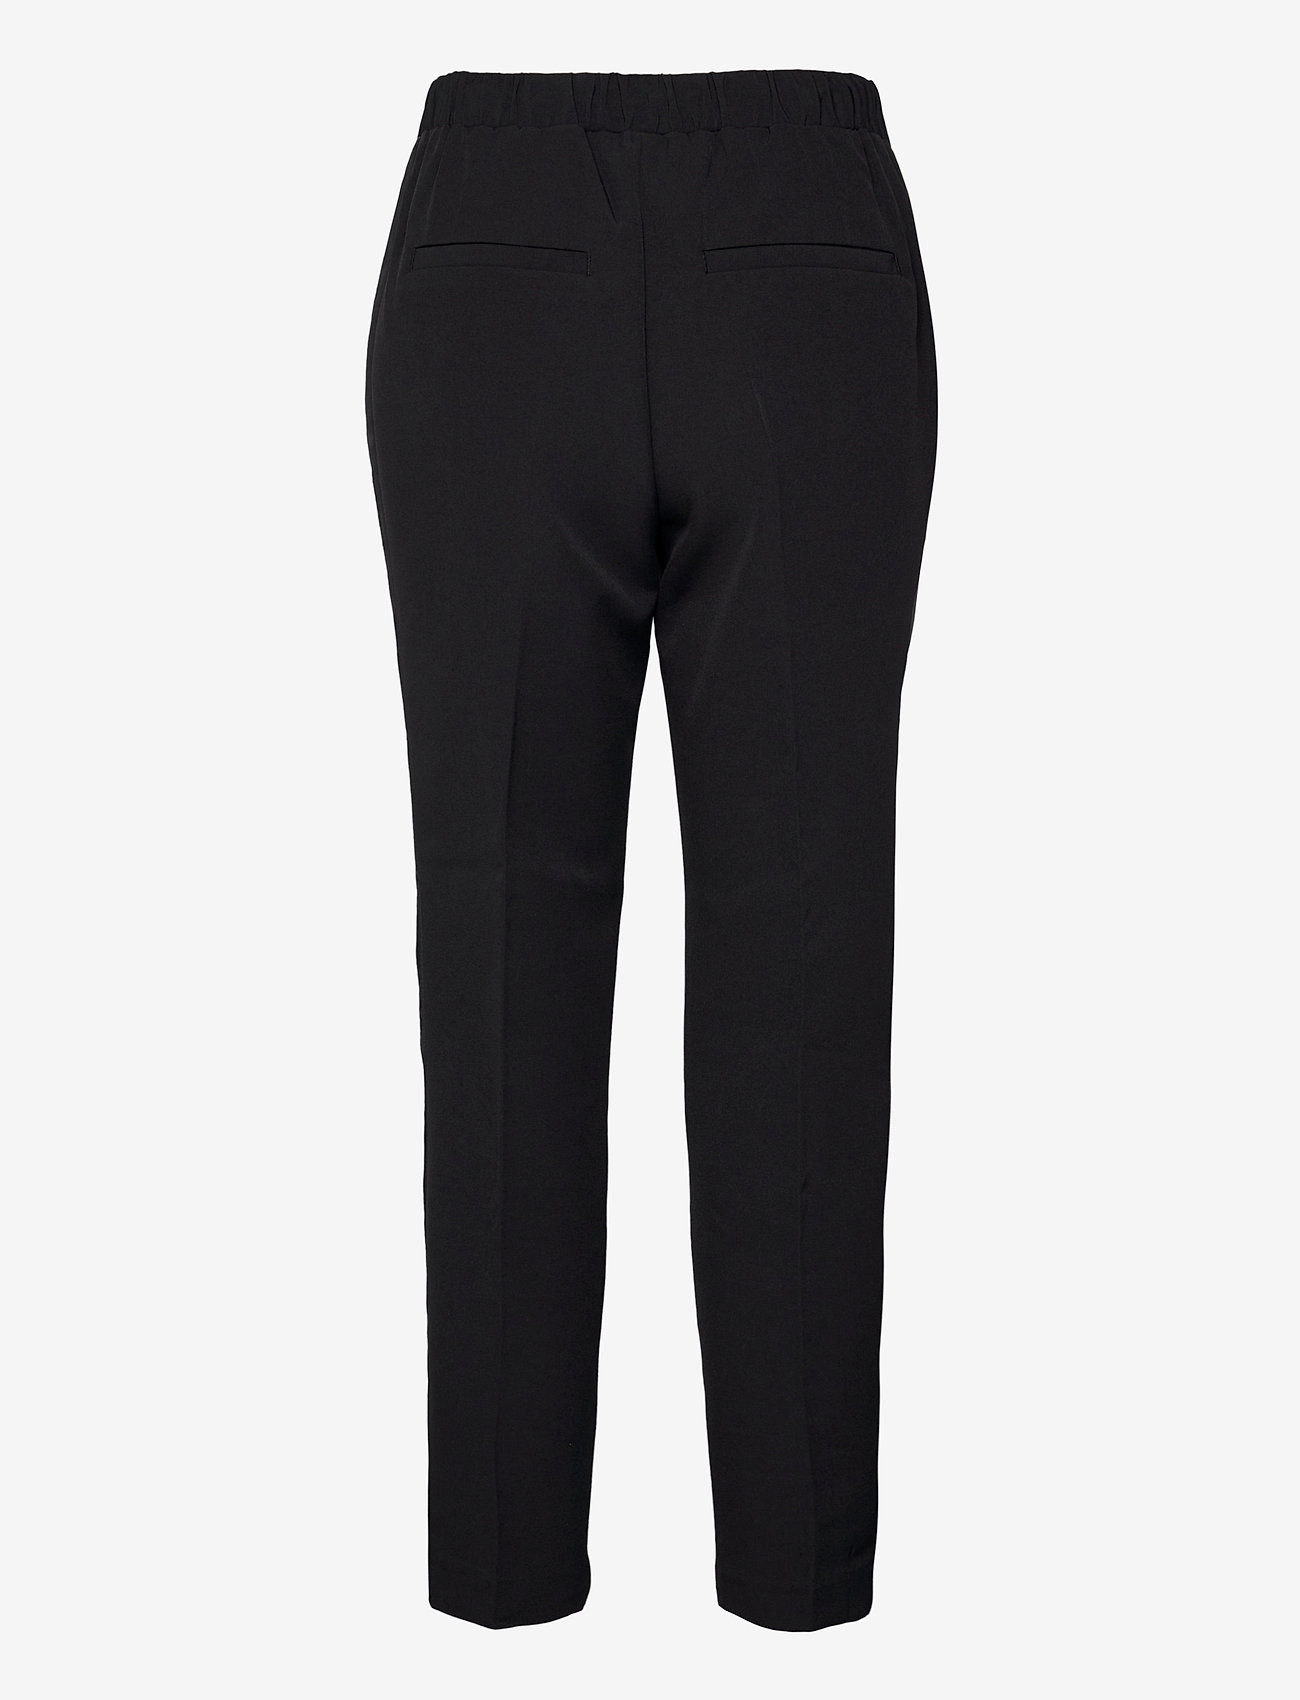 Ruby Ada Pant (Black) (119.95 €) - Bruuns Bazaar G51LD